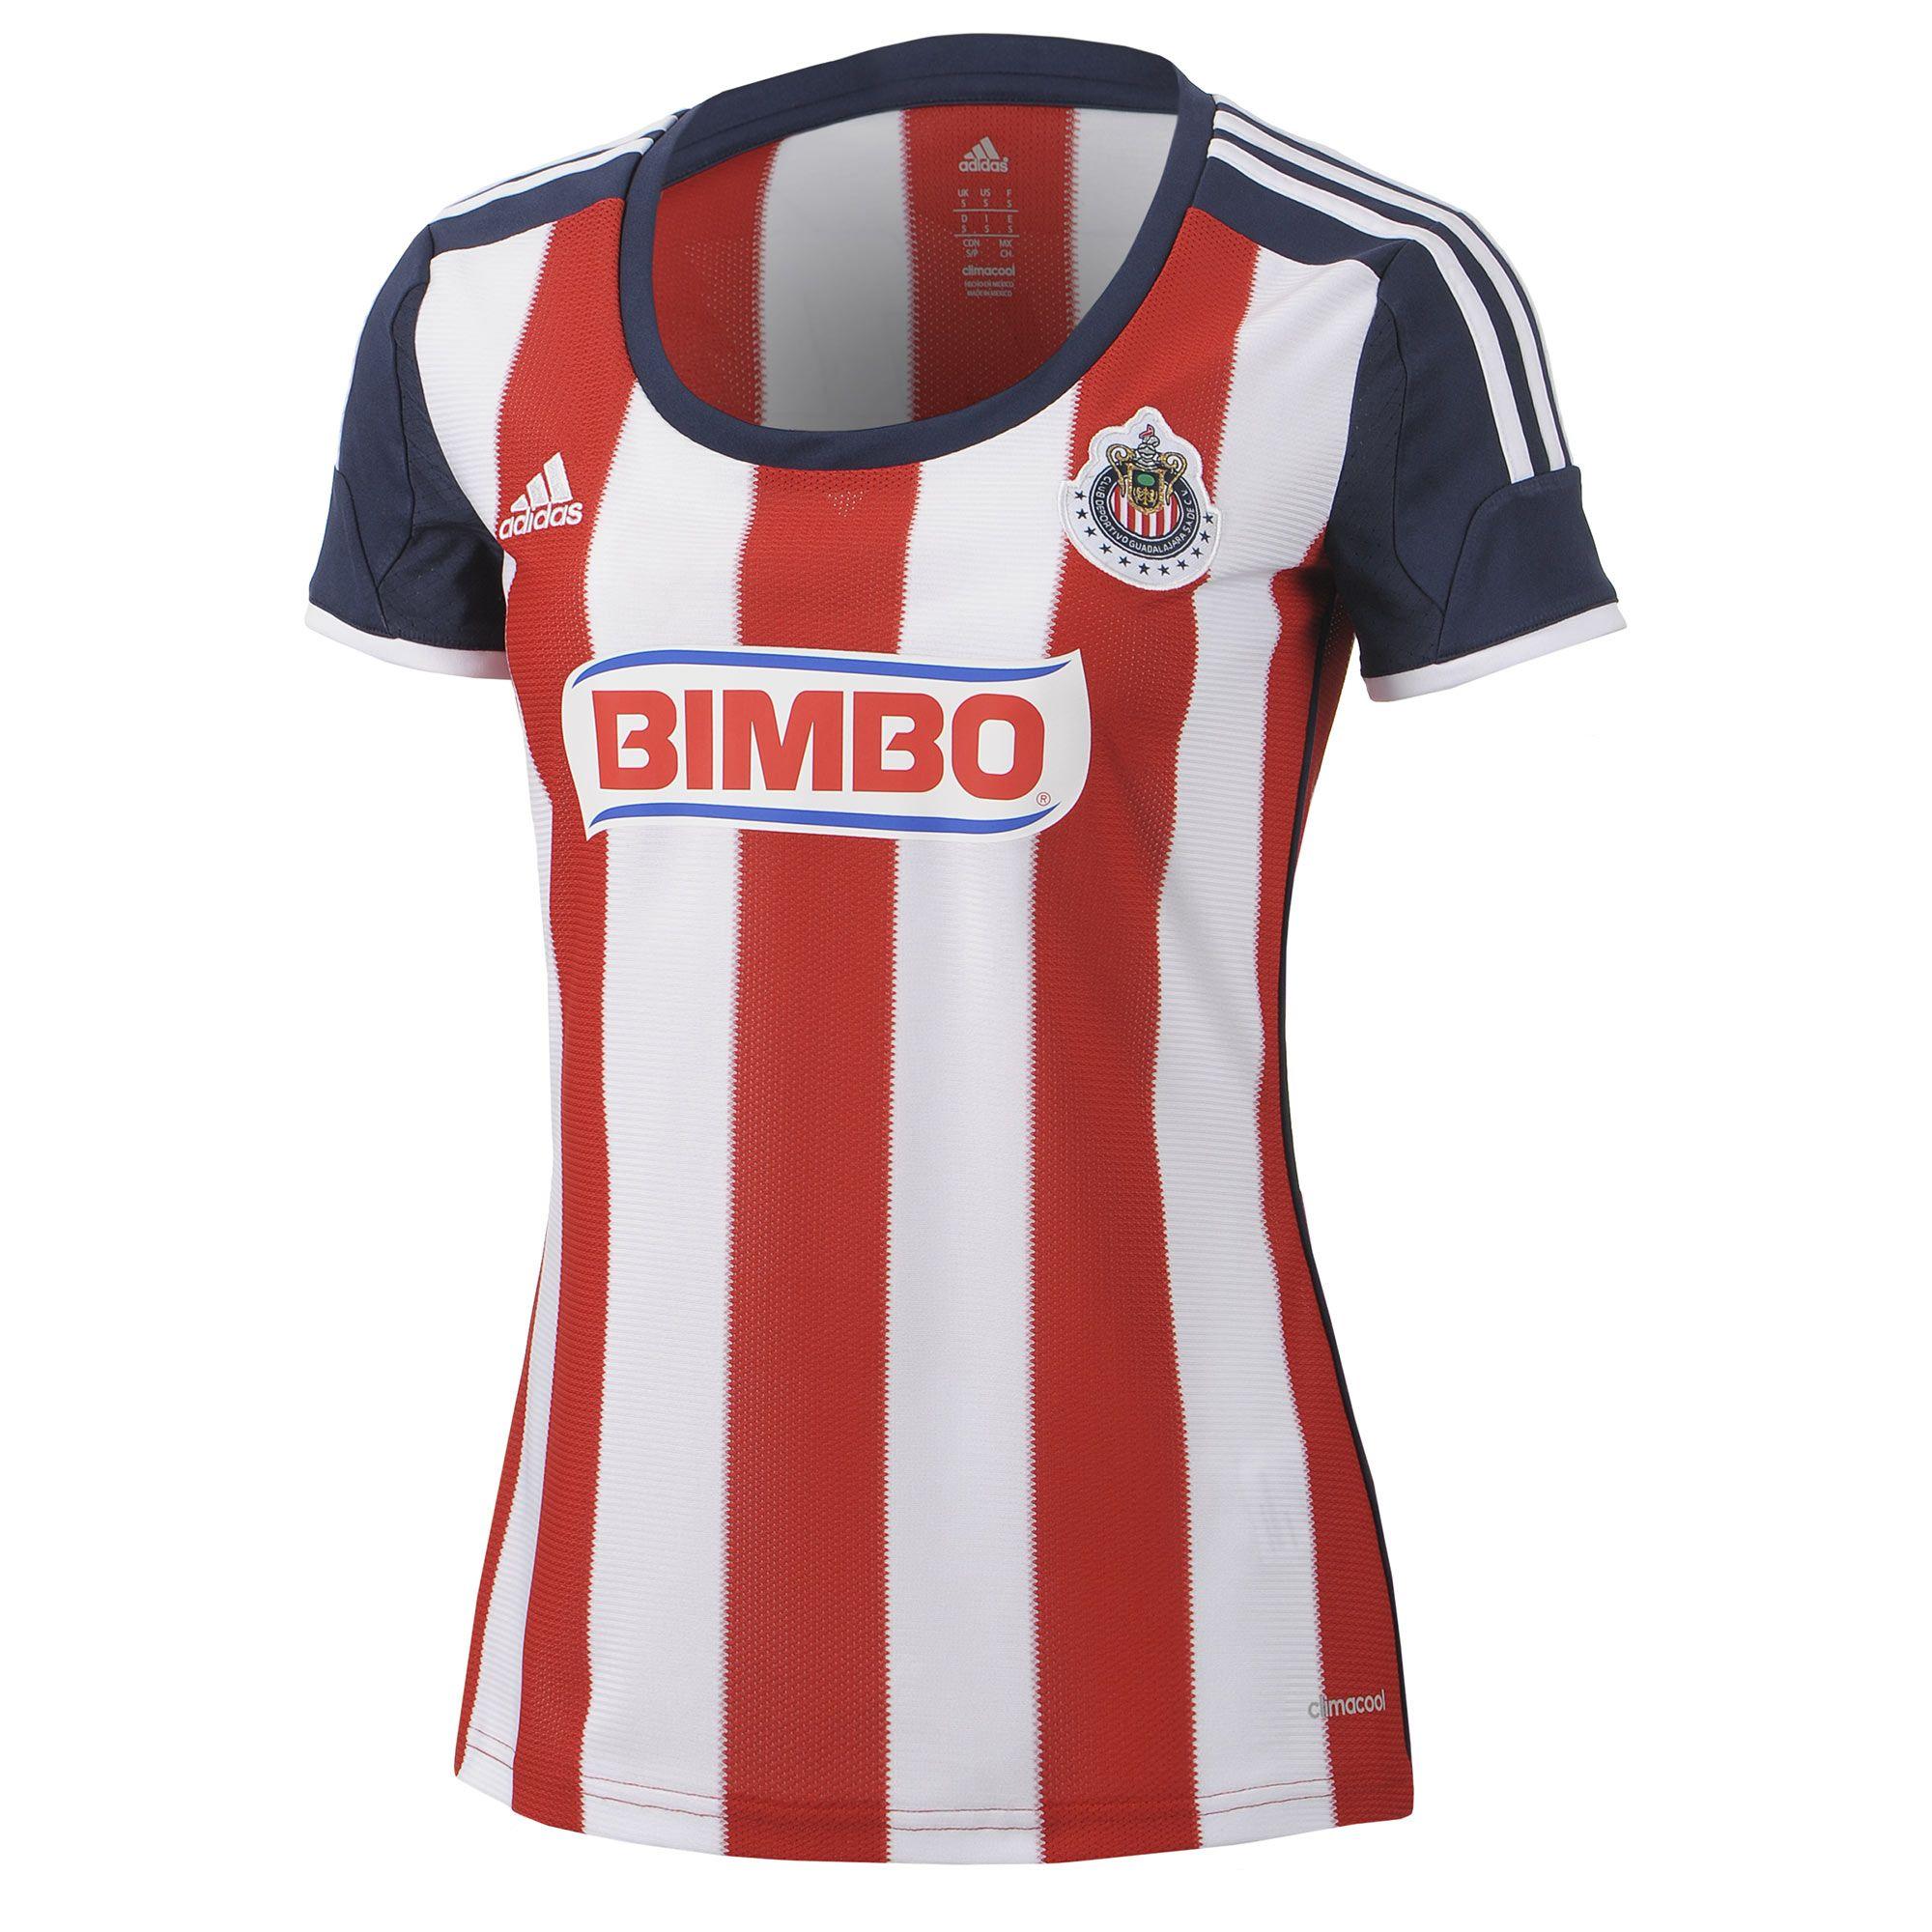 5d630fbd5 Jersey local Chivas de Guadalajara mujer en adidas.mx. Descubre todos los y  colores disponibles en la tienda adidas online de México.